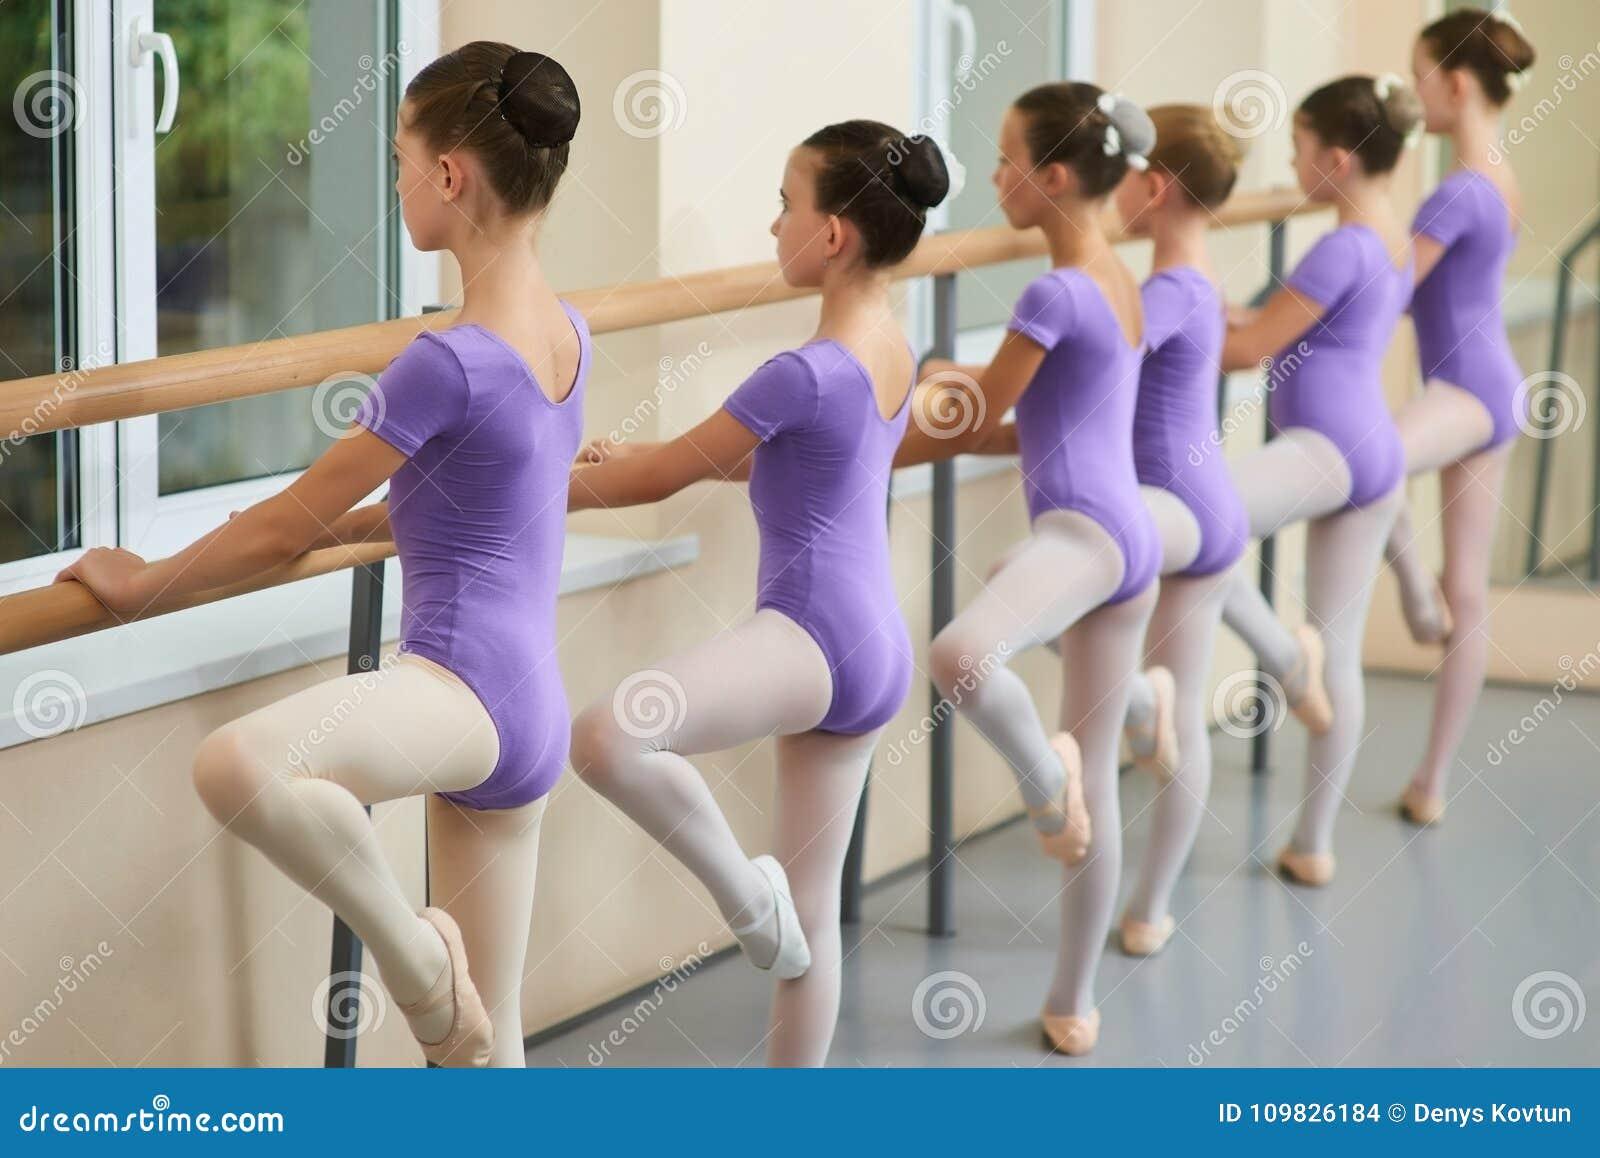 Jeunes Ballerines S'exerçant Au Barre De Ballet Photo stock